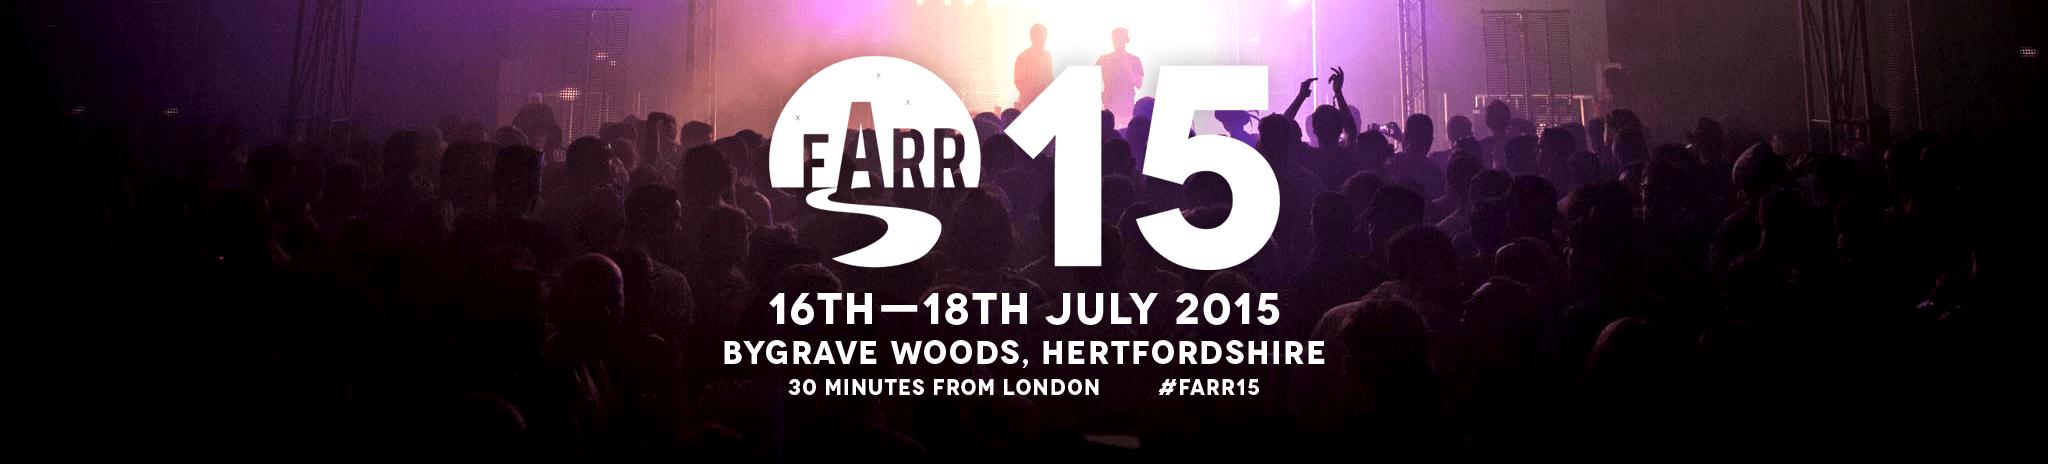 Farr festival 2015 on cone magazine